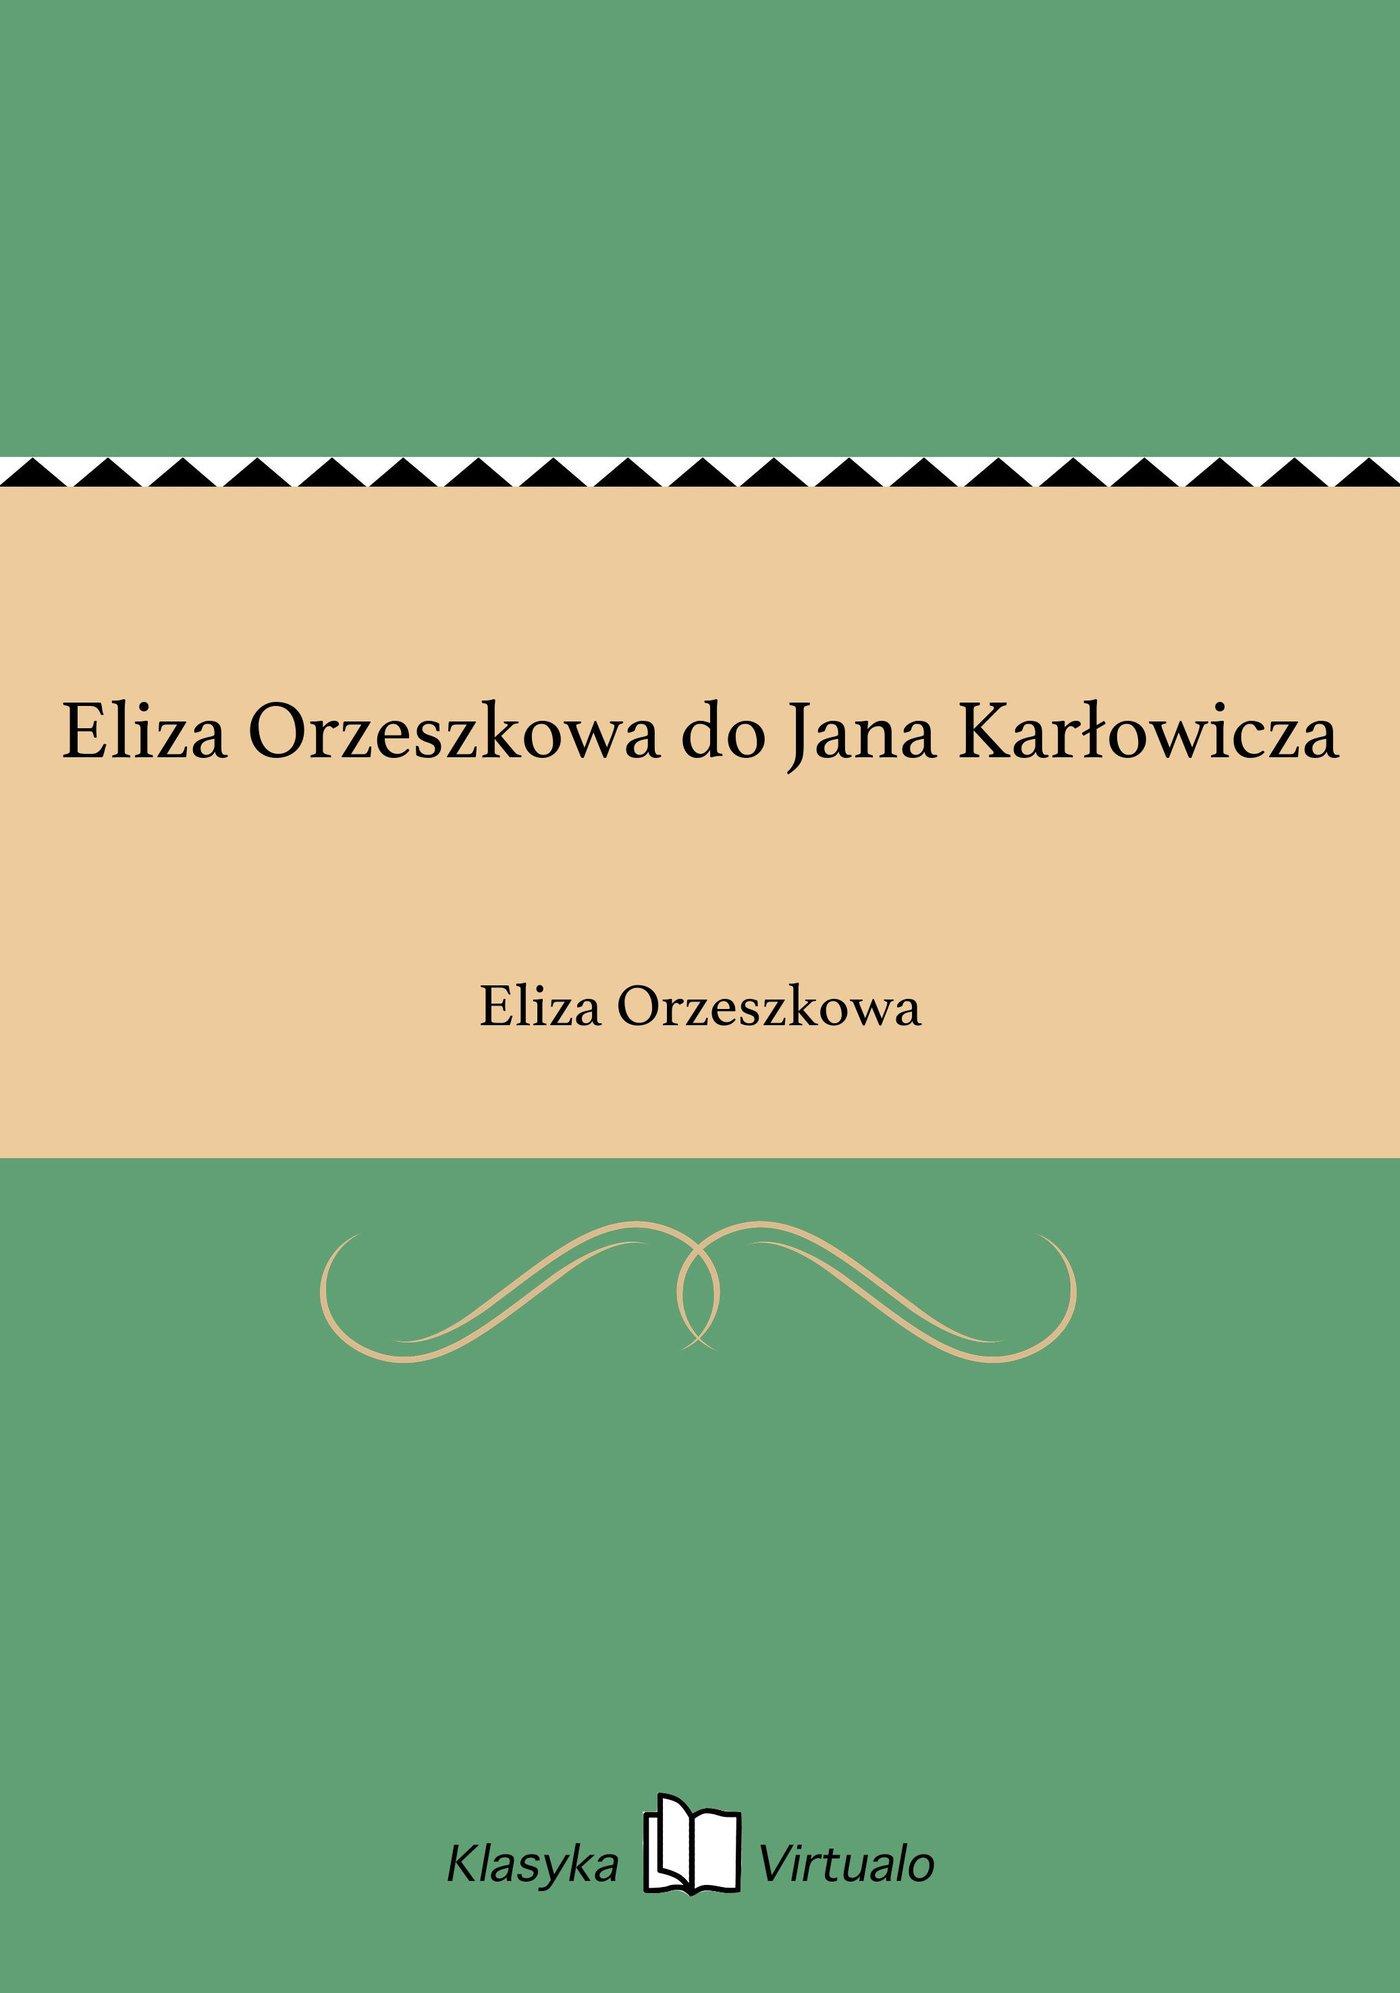 Eliza Orzeszkowa do Jana Karłowicza - Ebook (Książka EPUB) do pobrania w formacie EPUB